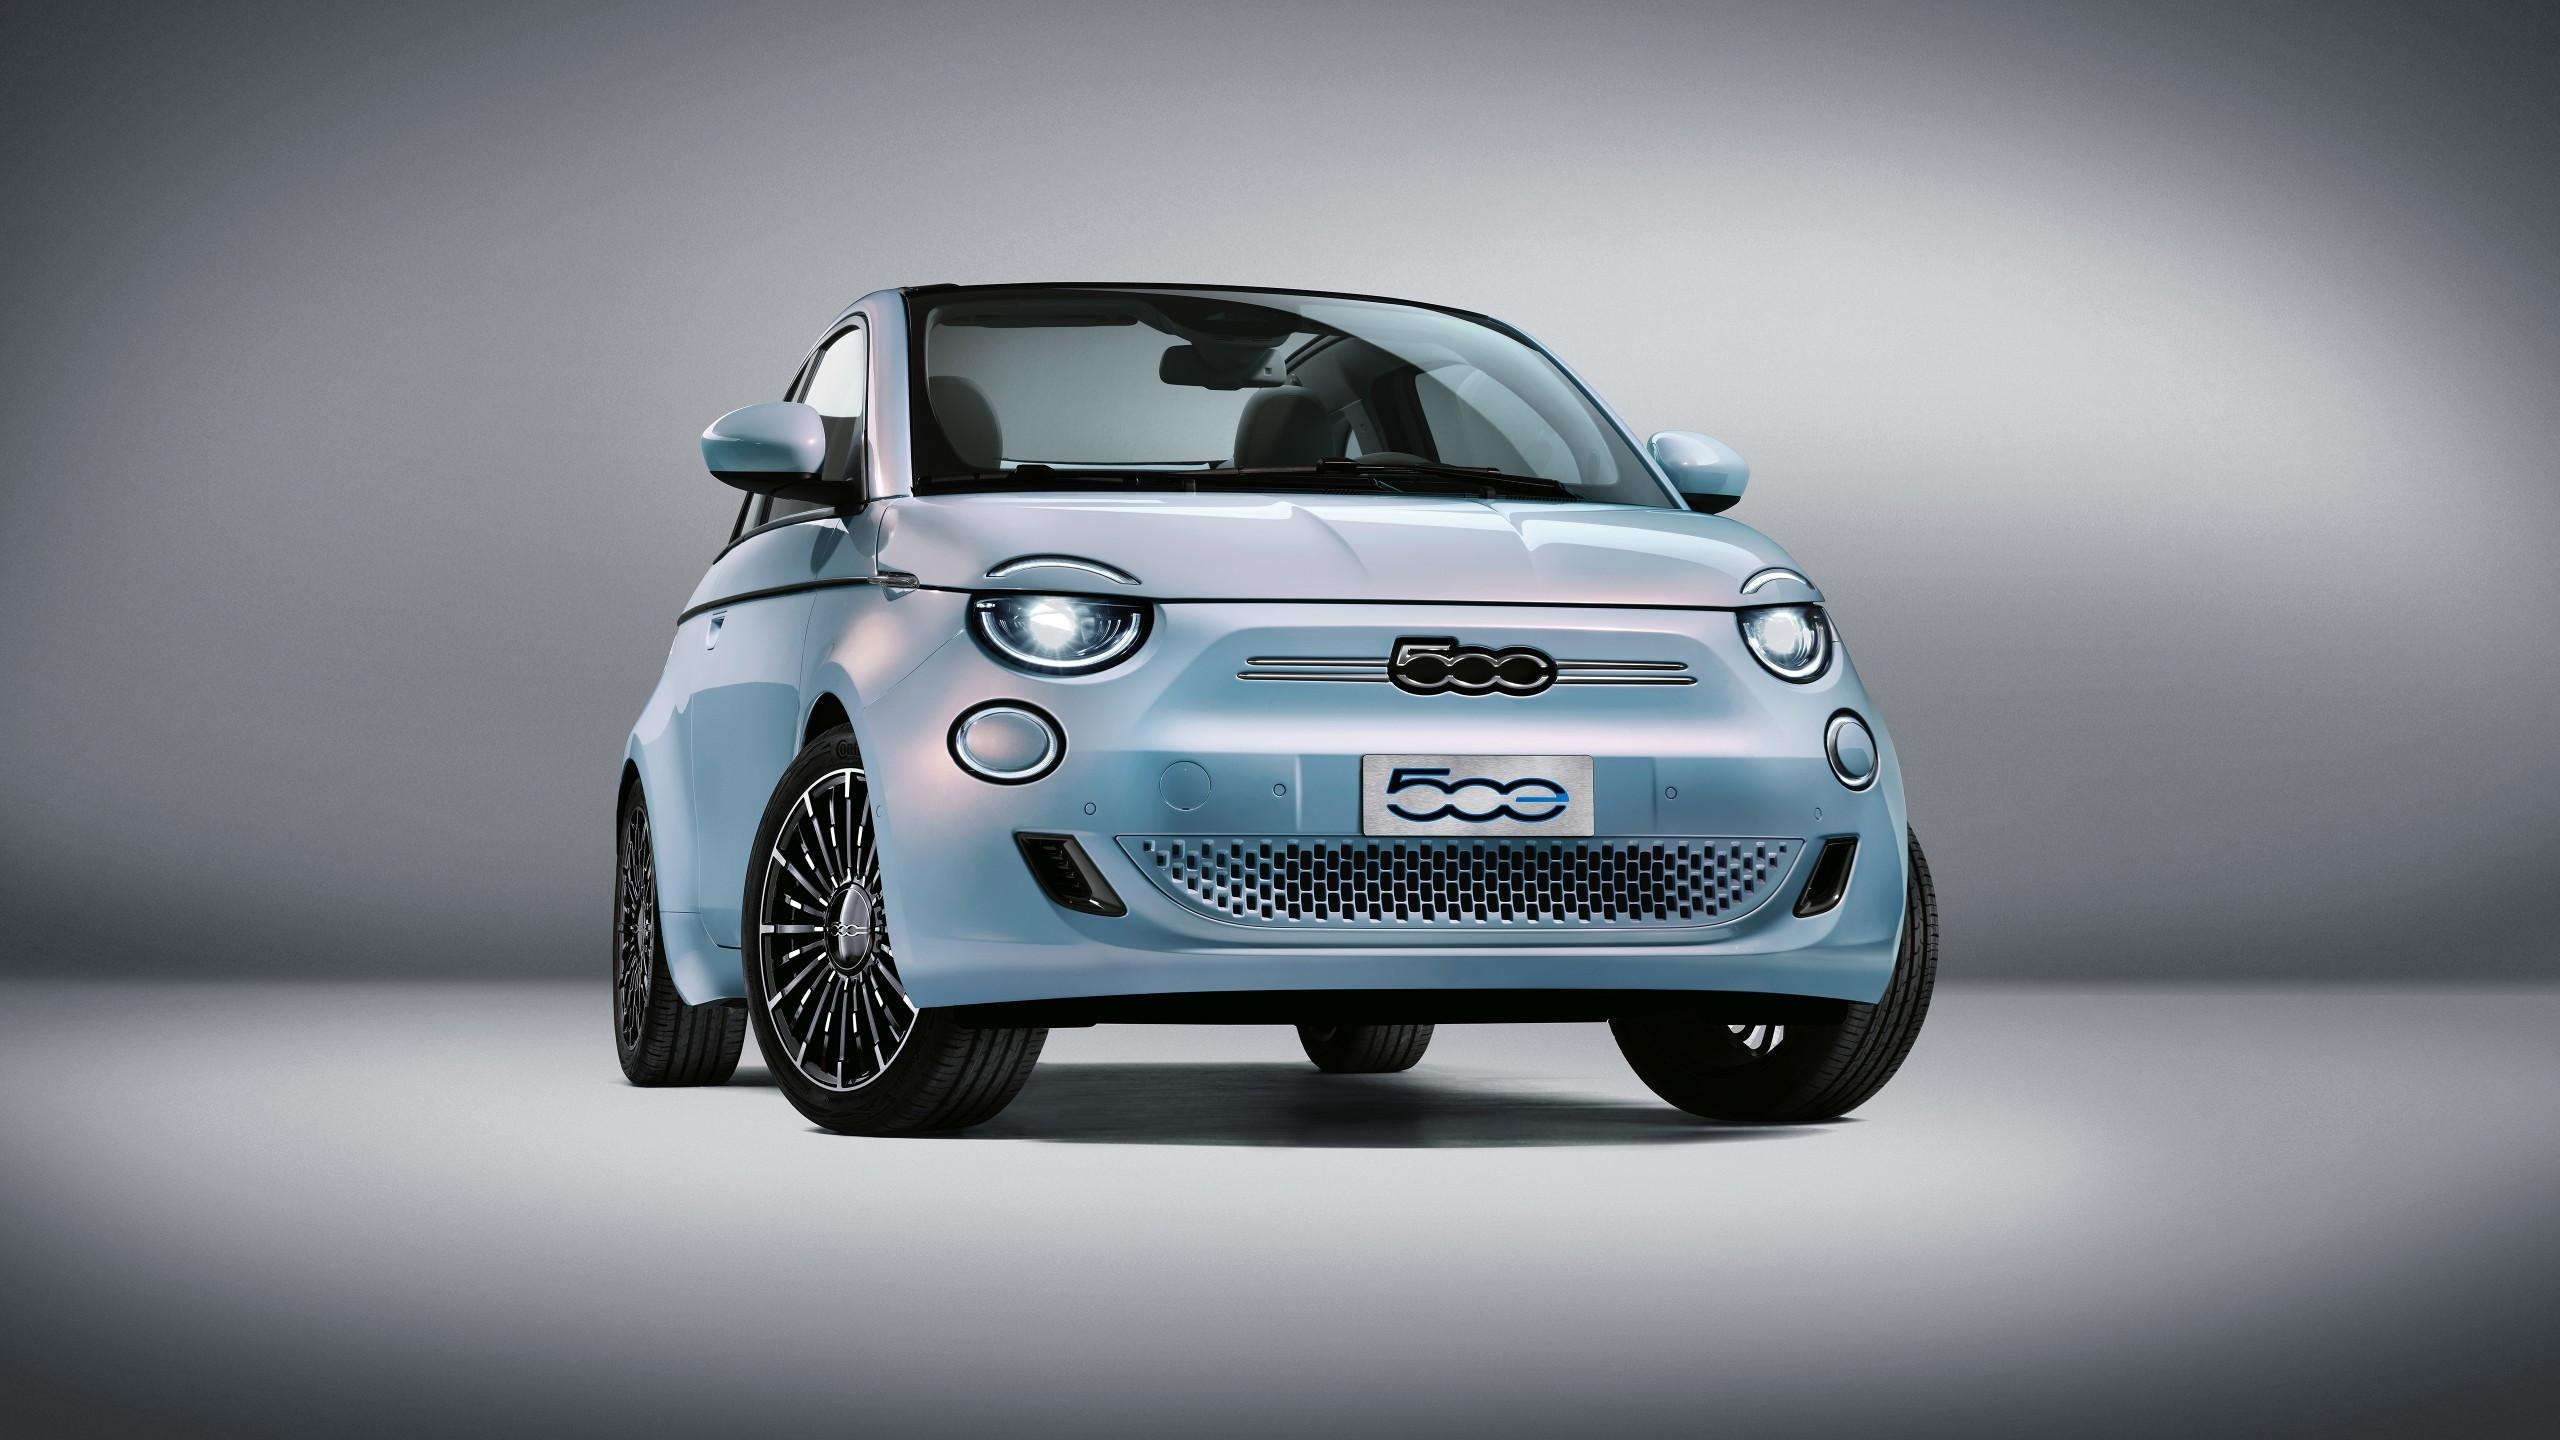 Fiat 500 La Prima France Cabrio 2020 5k Wallpaper Hd Car